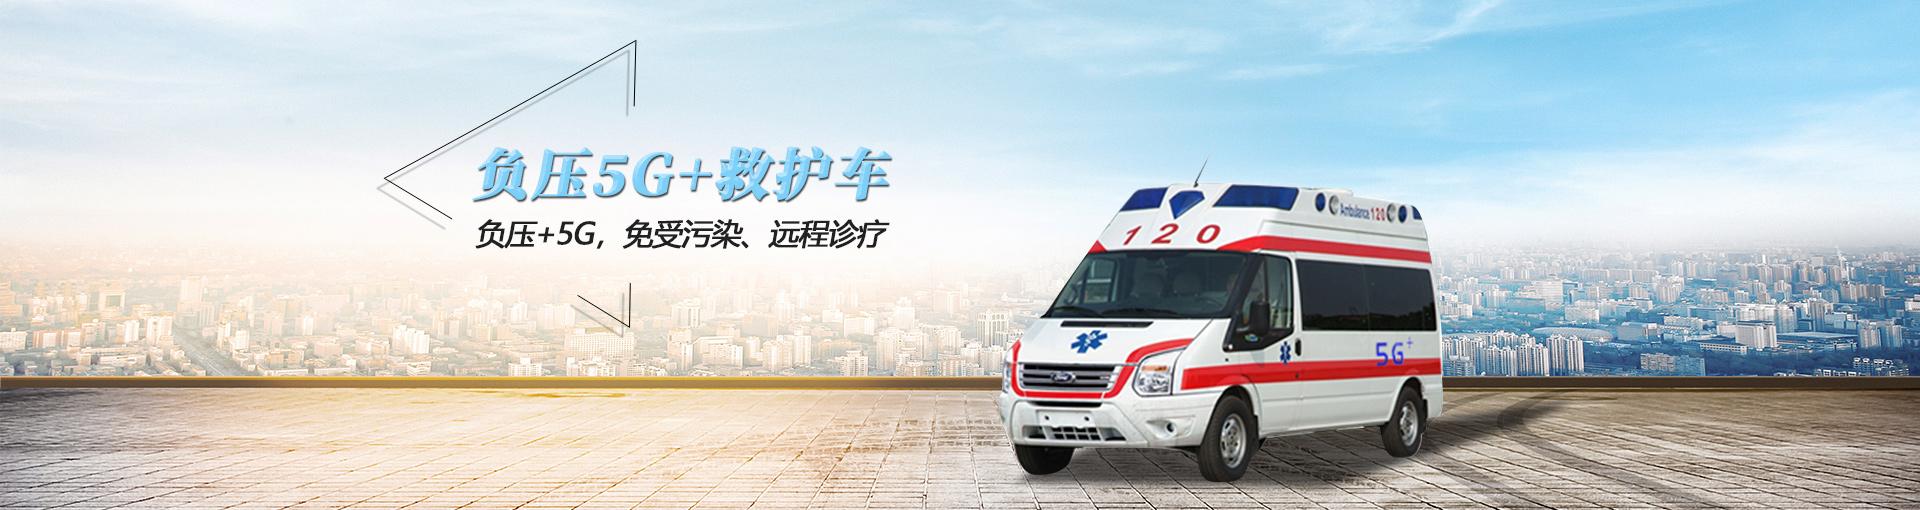 河南须河车辆有限公司